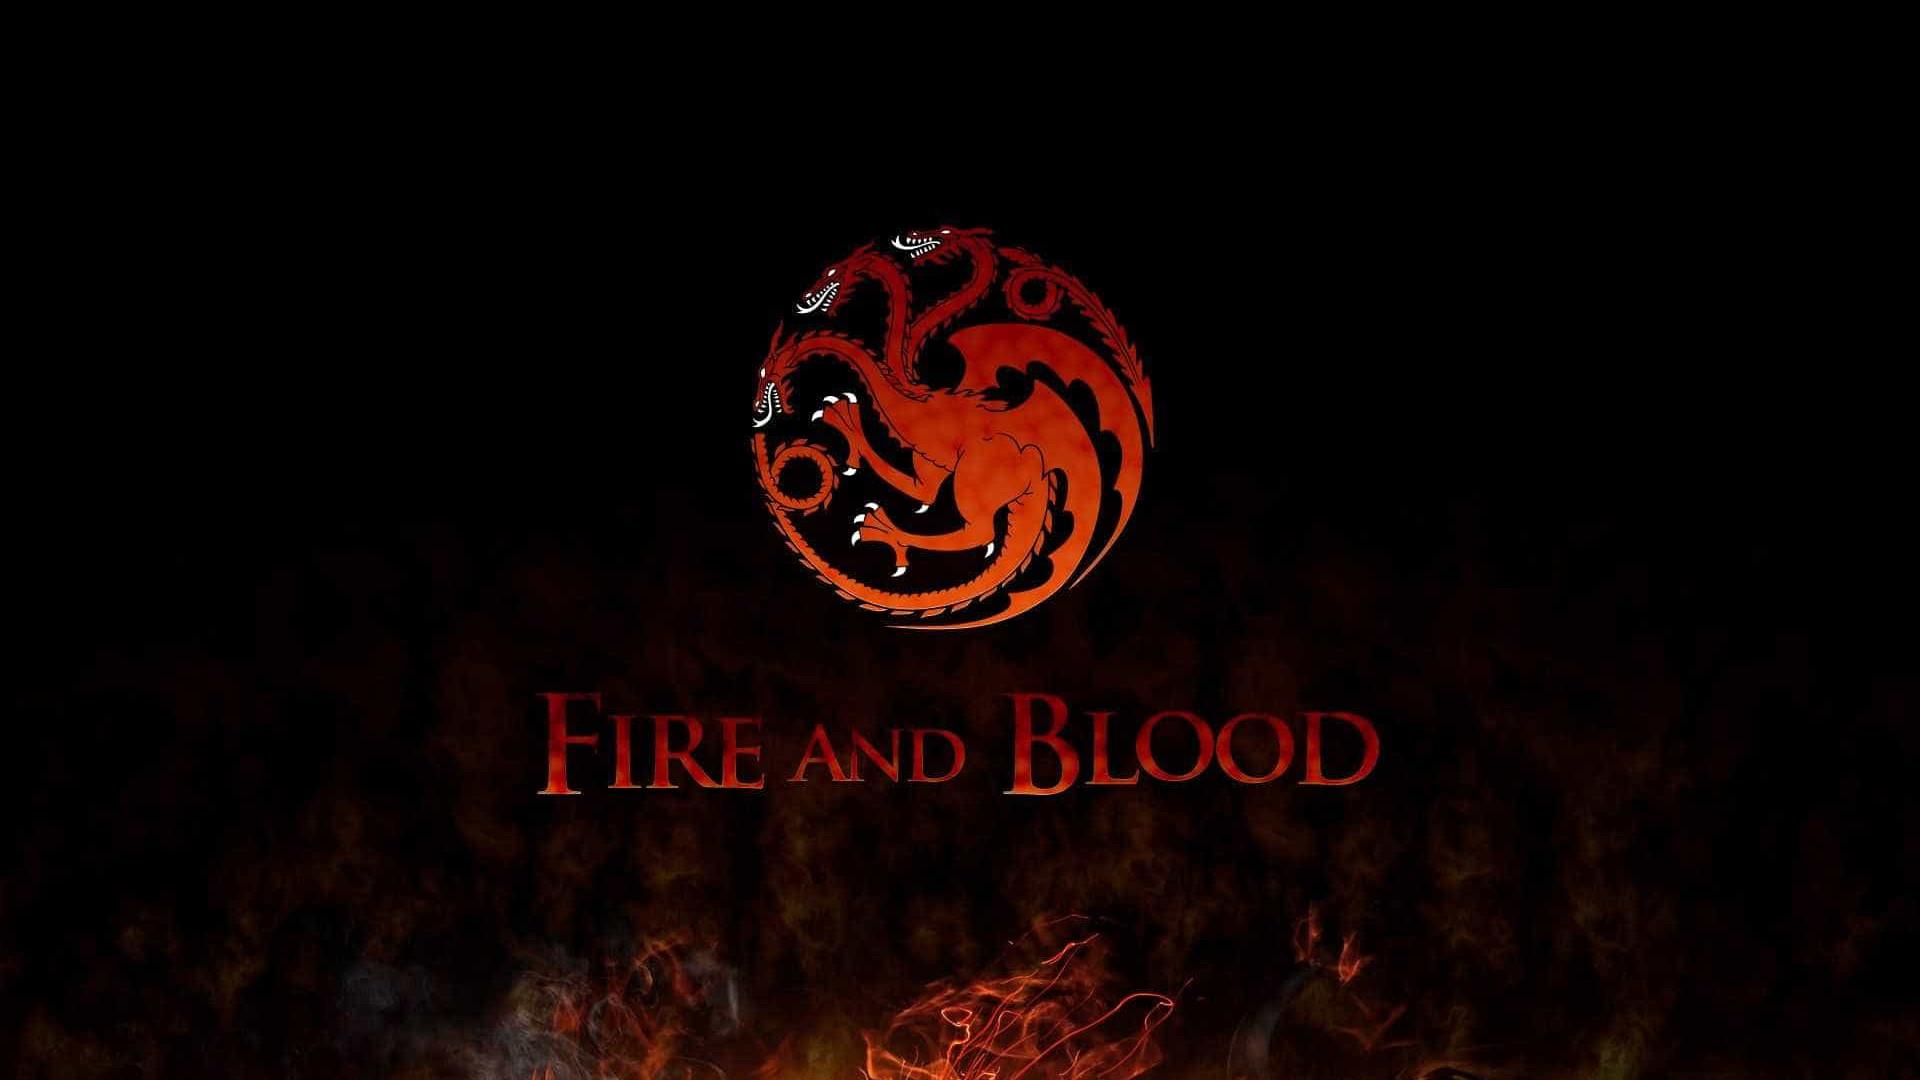 Novo livro de autor de 'Game of Thrones' chega ao Brasil em novembro